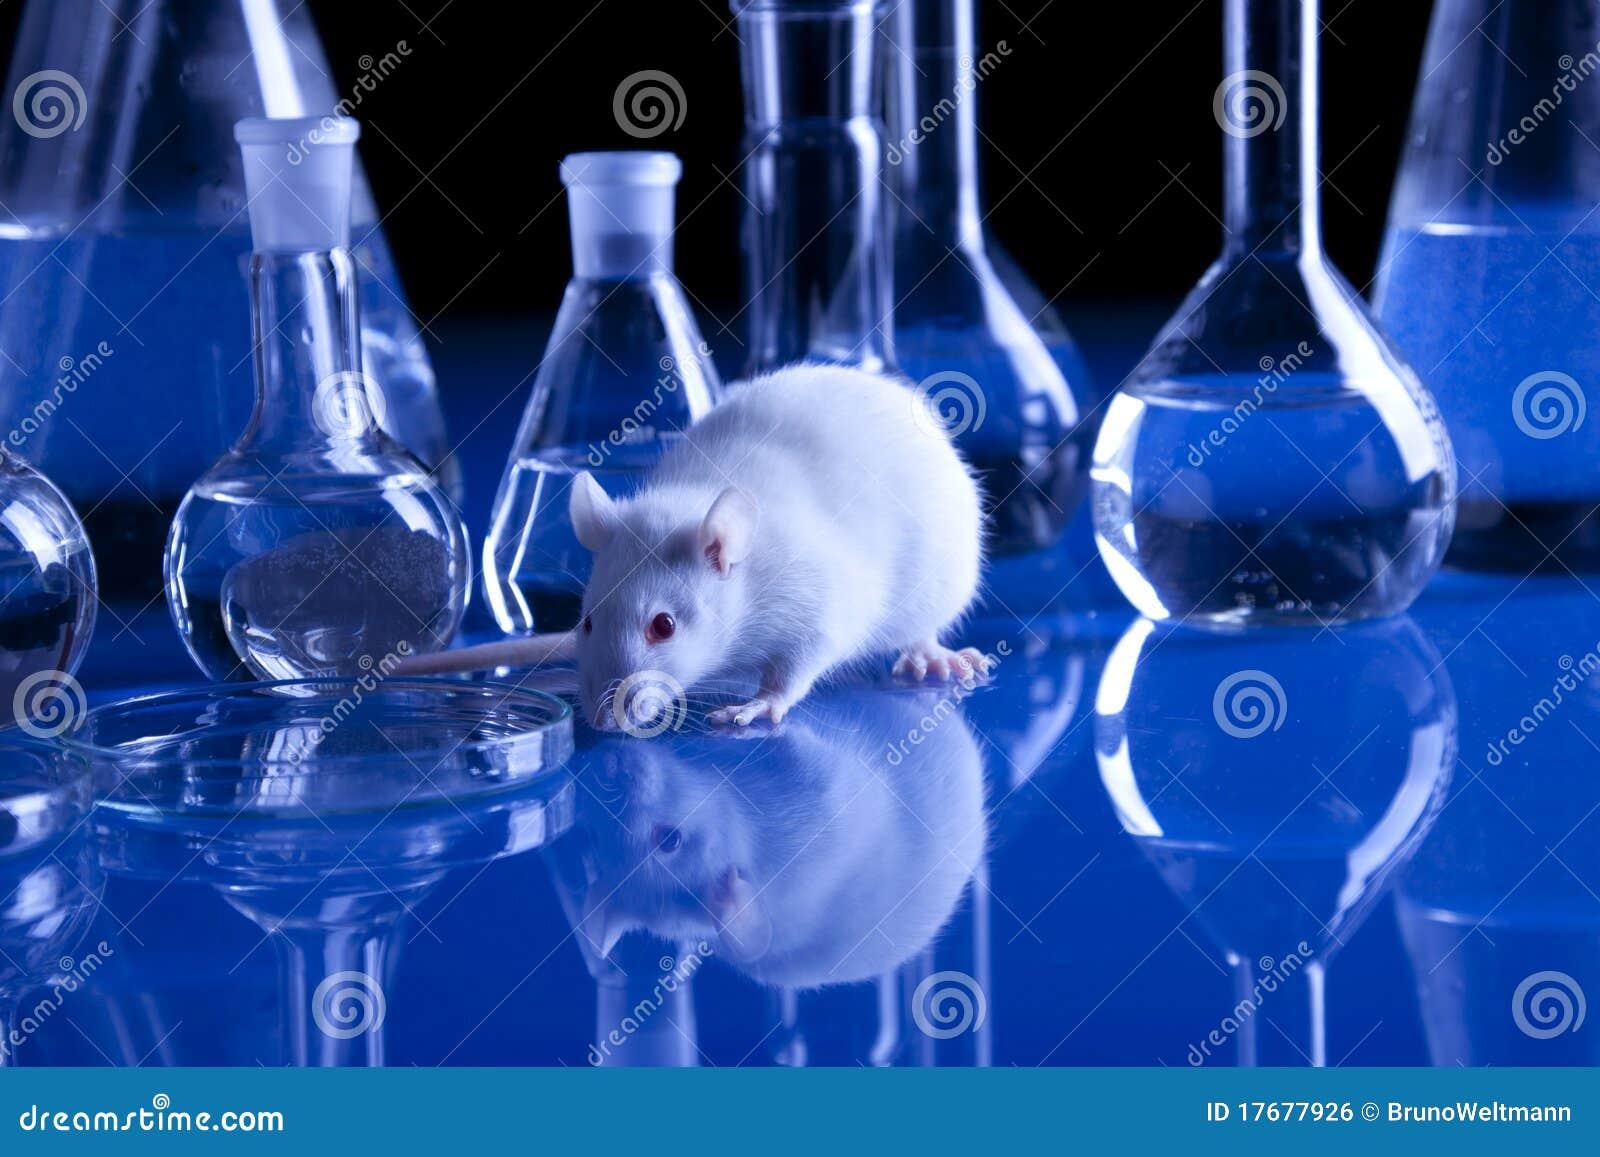 Ratten: Forscher lassen die Nager Licht fhlen - SPIEGEL